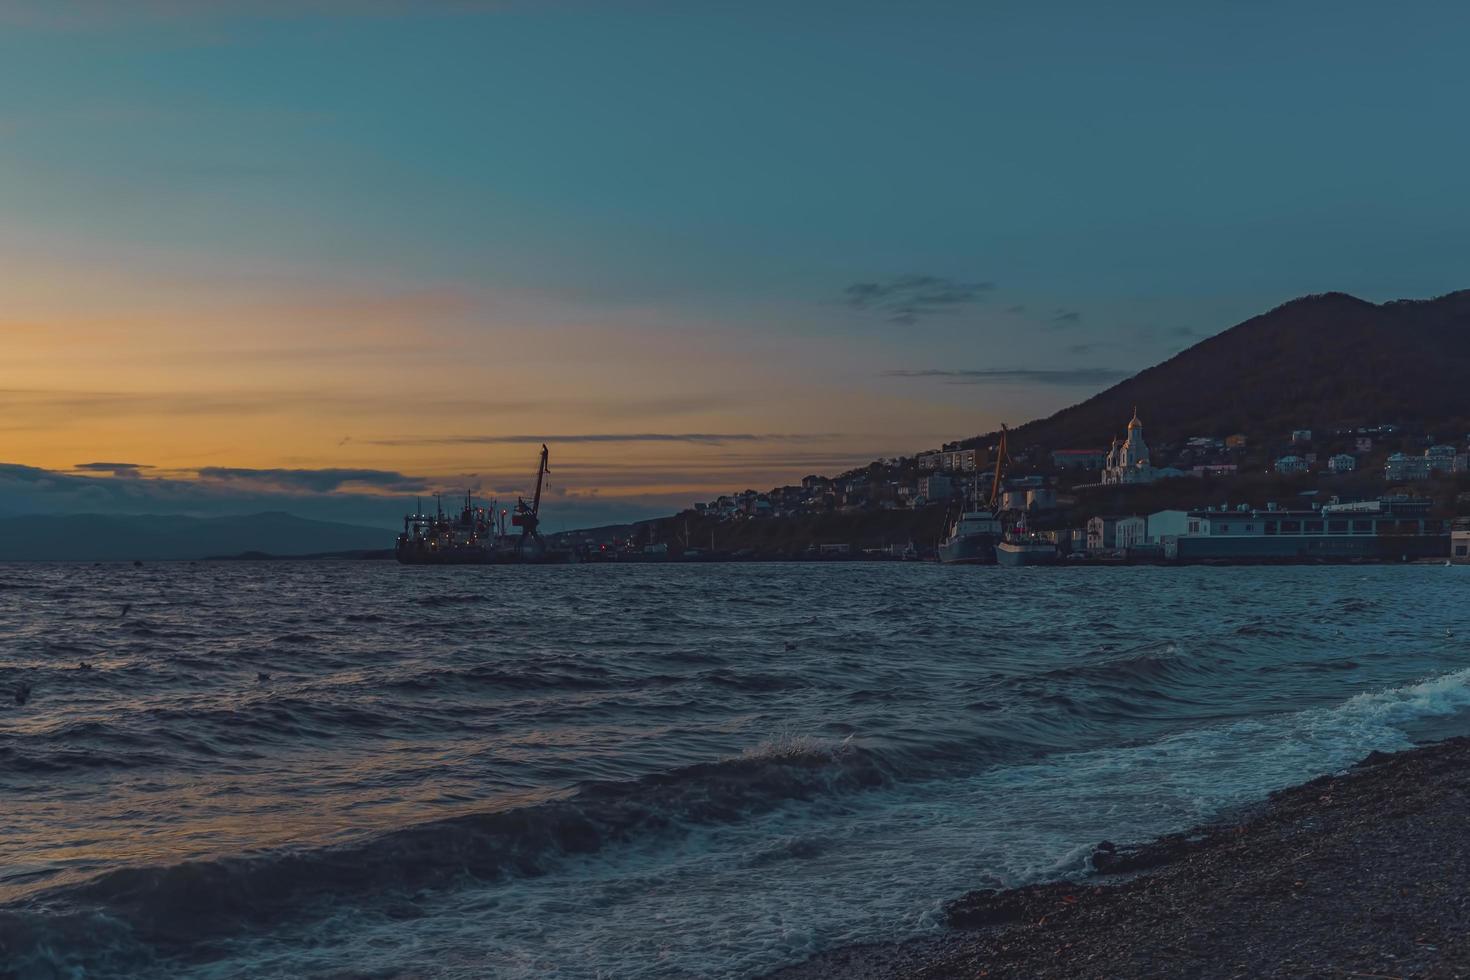 marinmålning med utsikt över solnedgången och kusten. foto